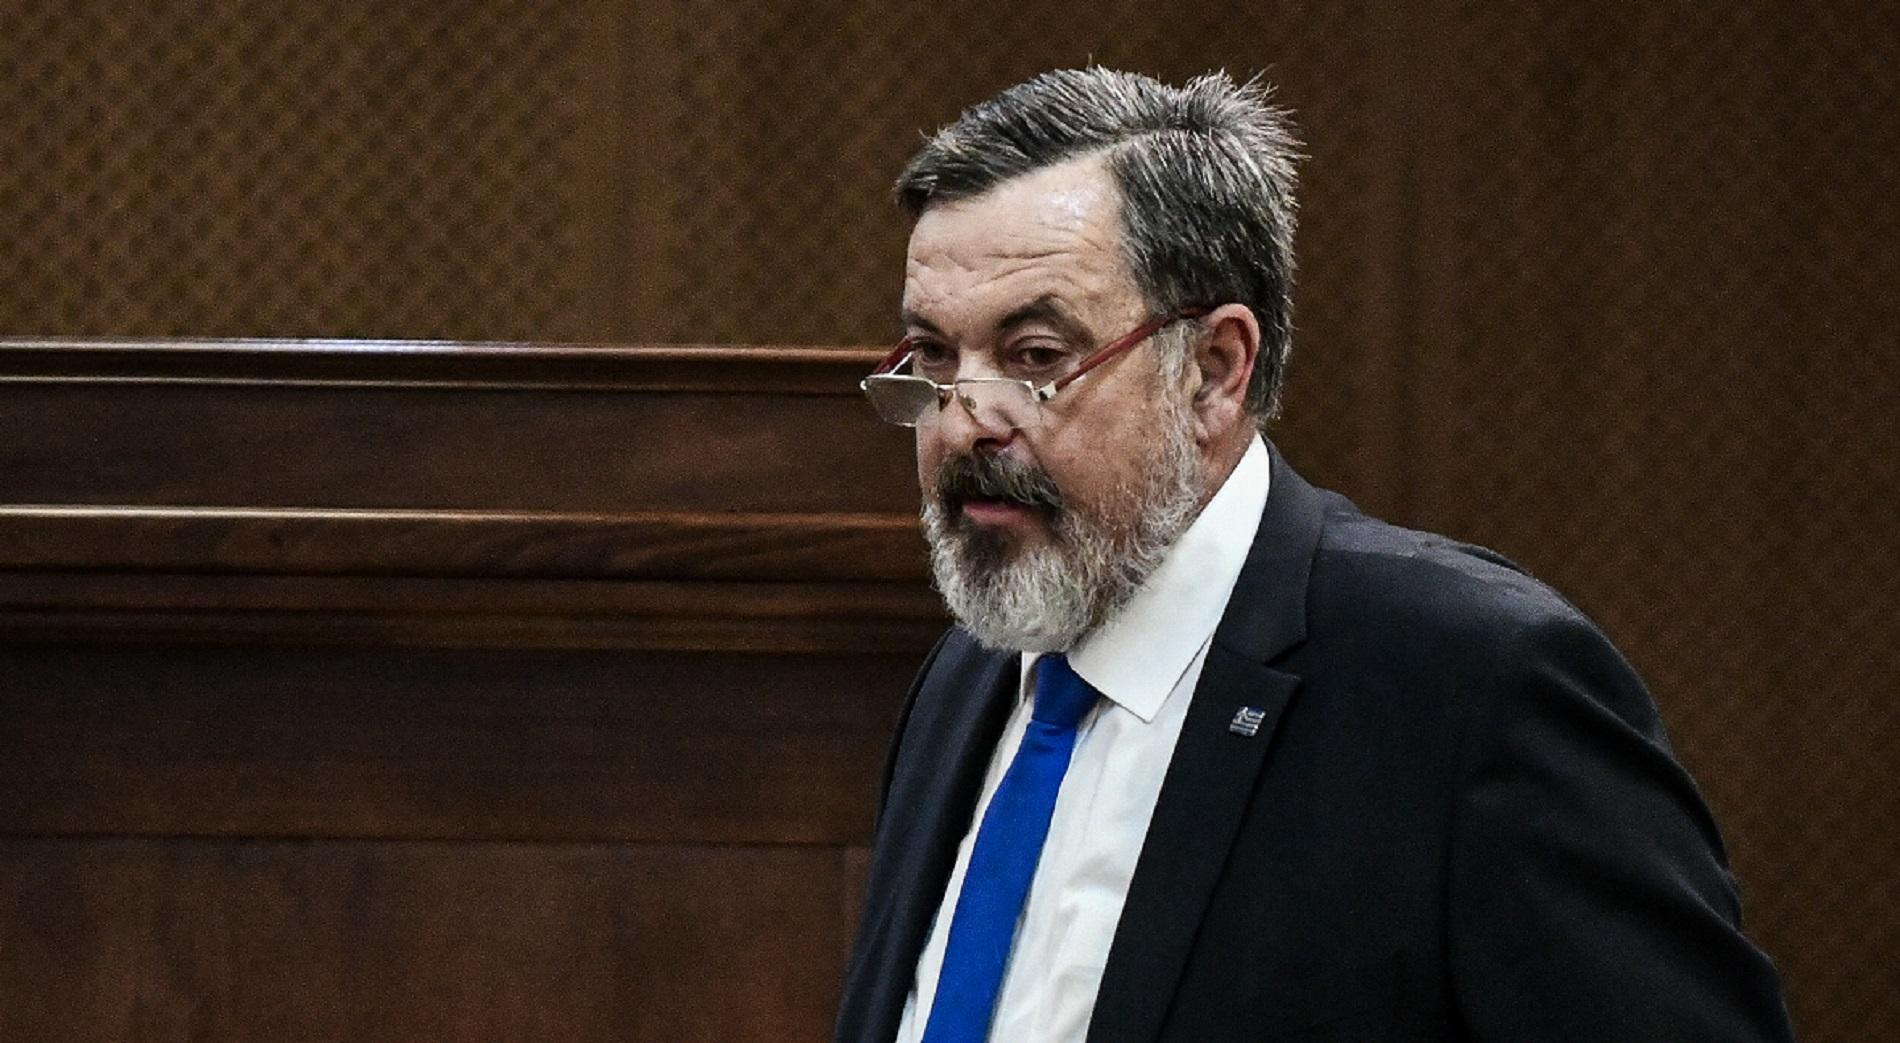 Κ. Μητσοτάκης: Εγκαινιάζει το Κέντρο Υγείας Κερατσινίου την Τετάρτη